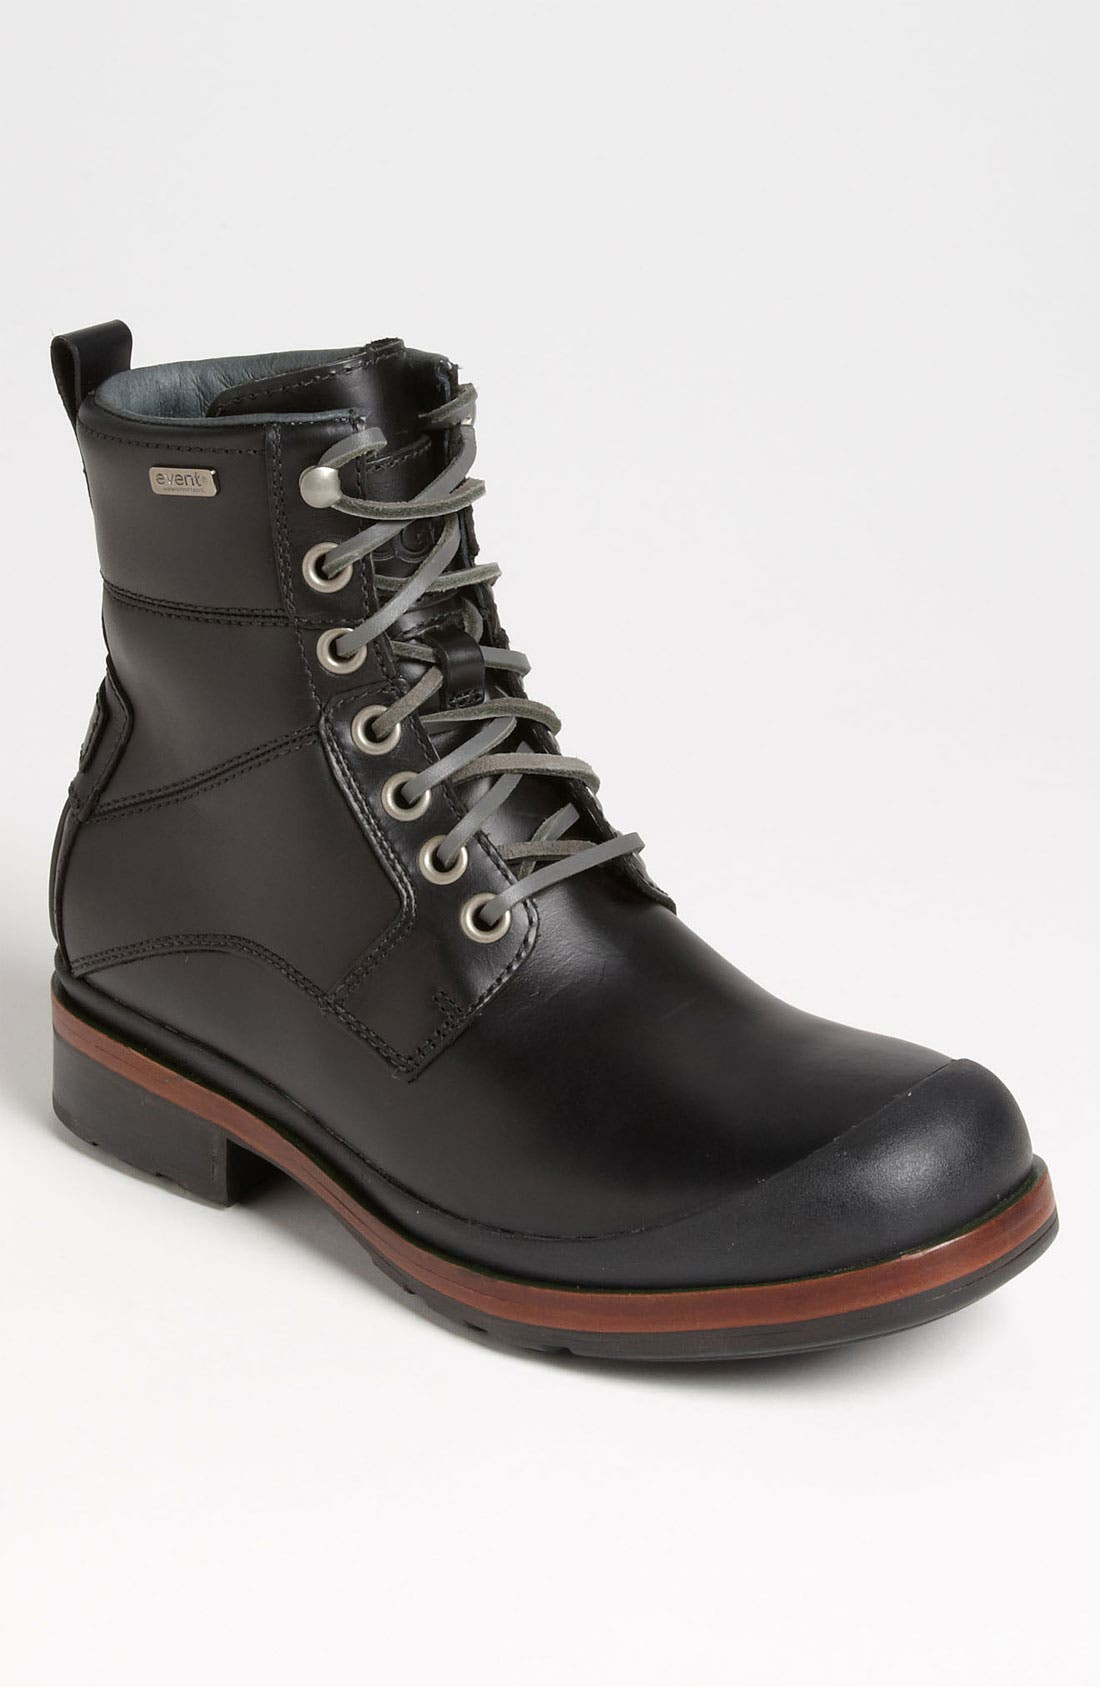 Alternate Image 1 Selected - UGG® Australia 'Howell' Boot (Men)